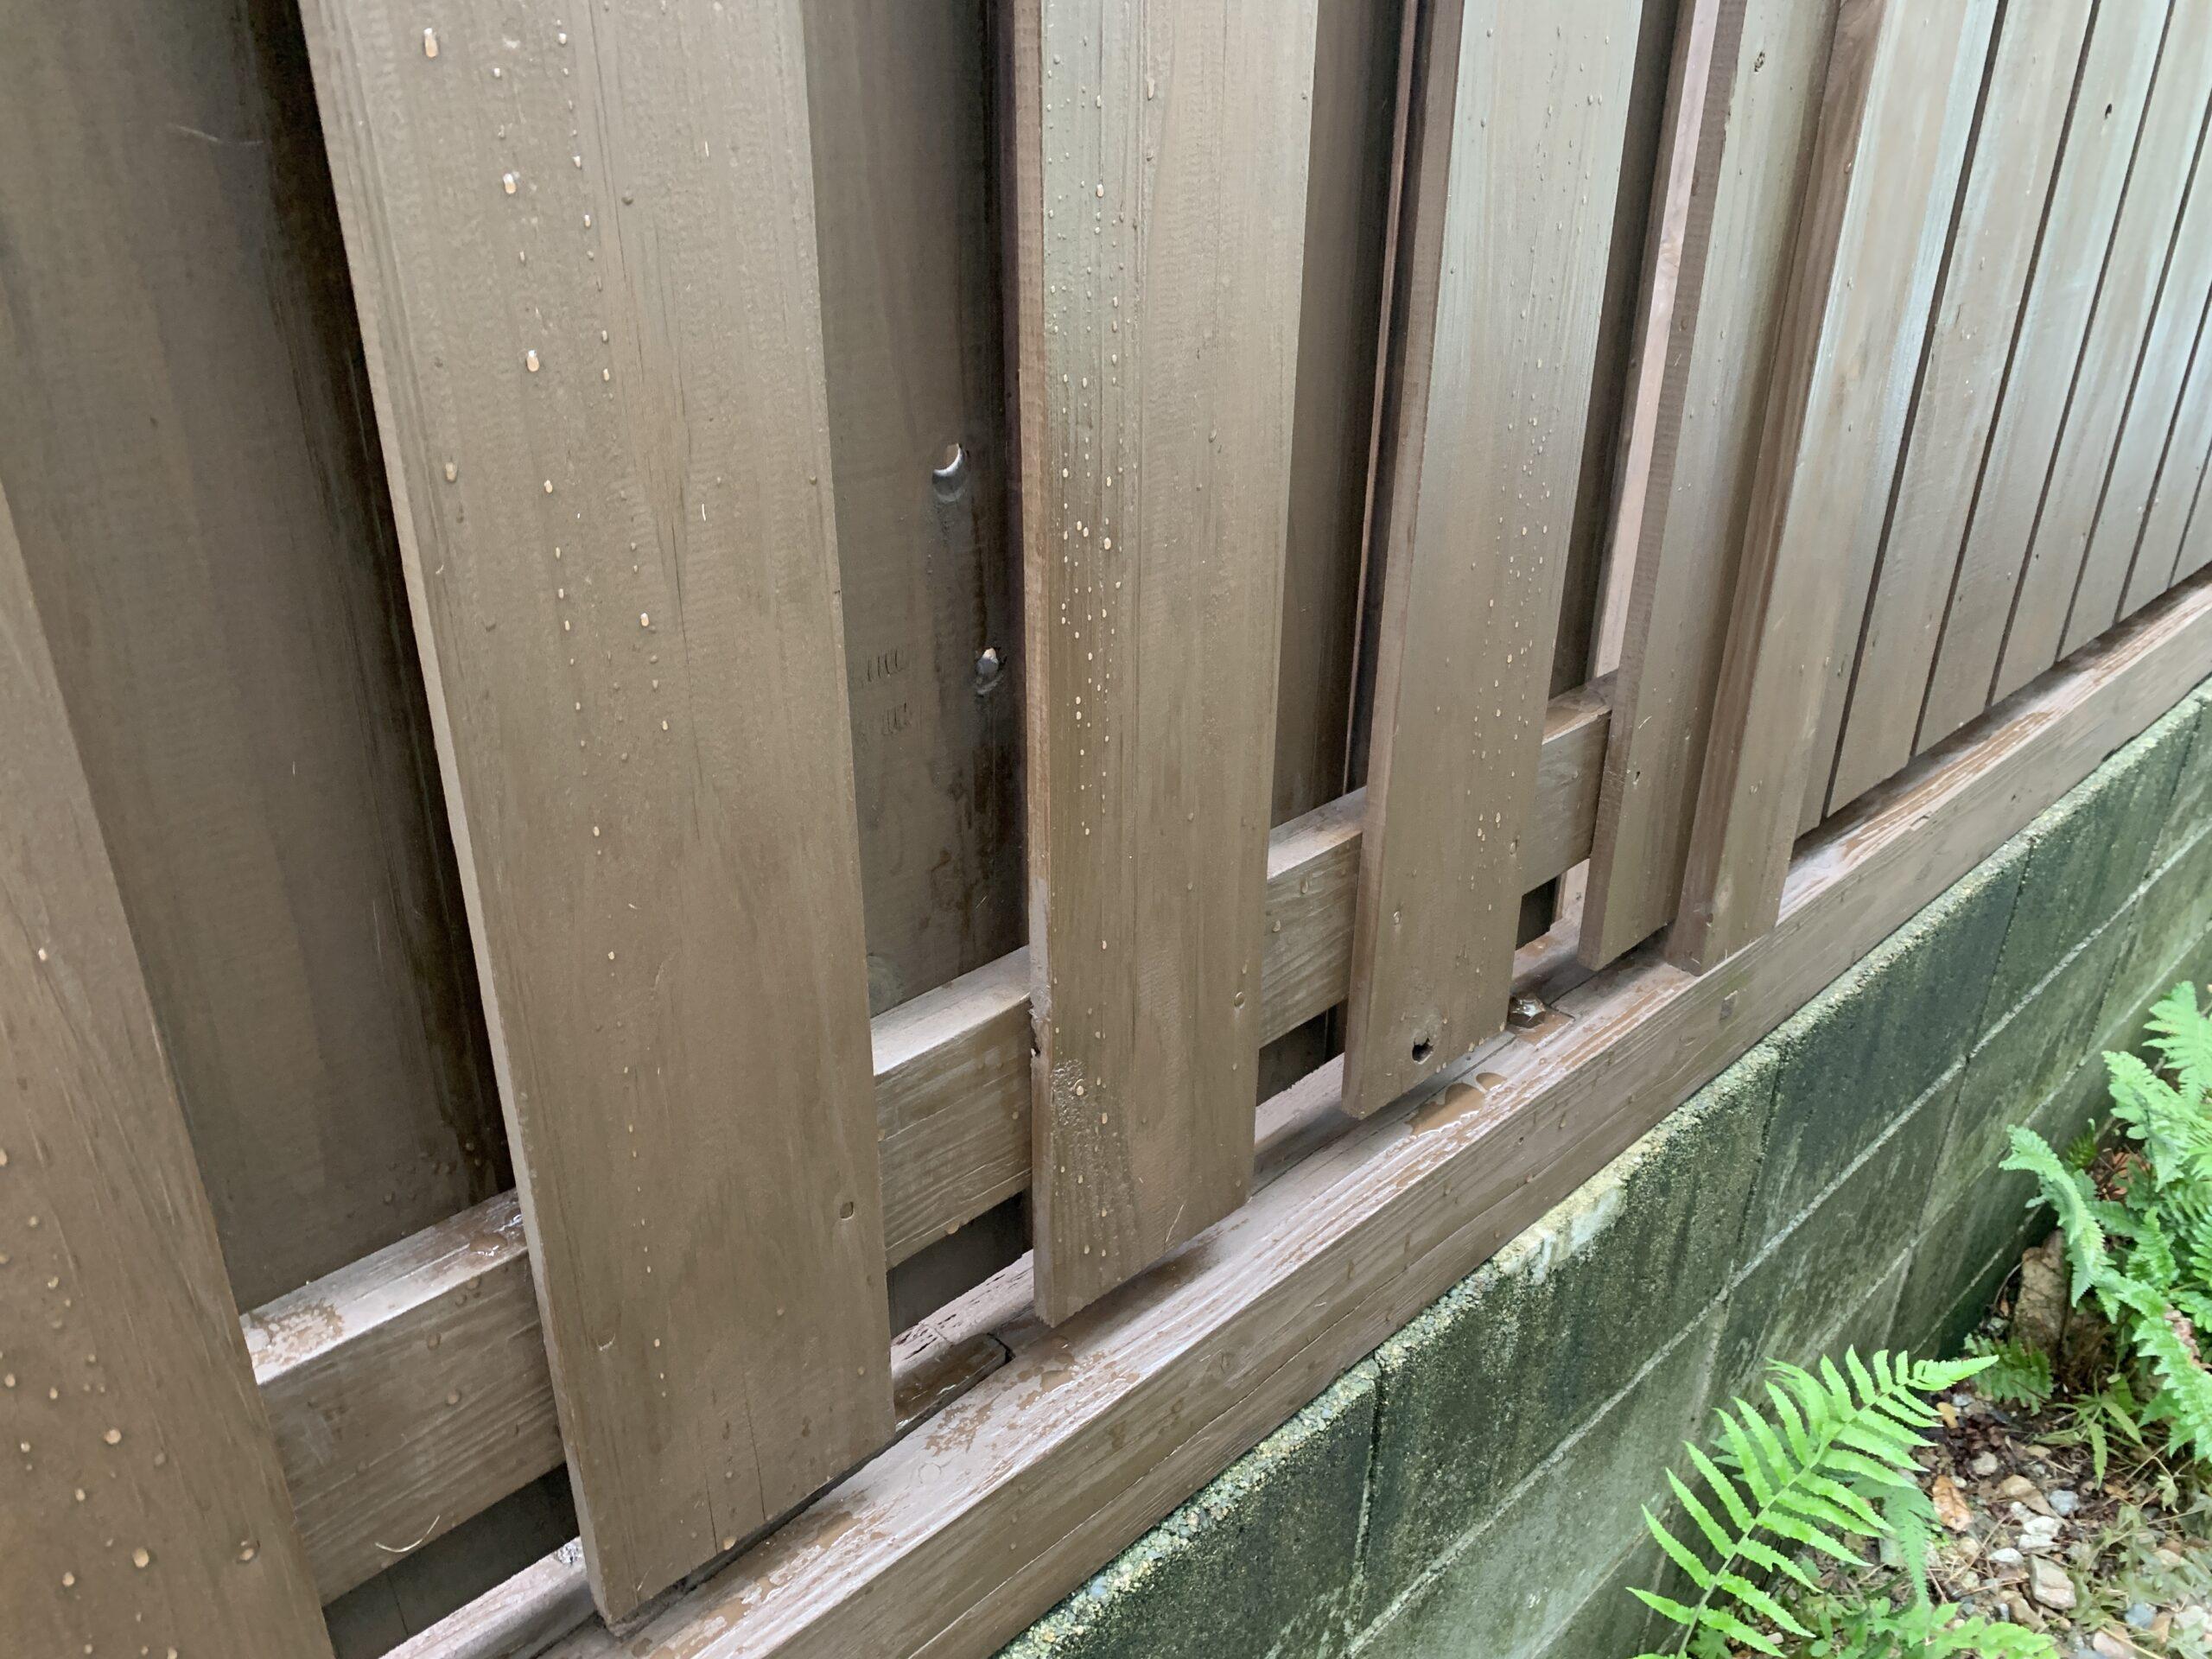 塗るばい サニー建設商事 佐賀市 外壁塗装 サニケン さにけん